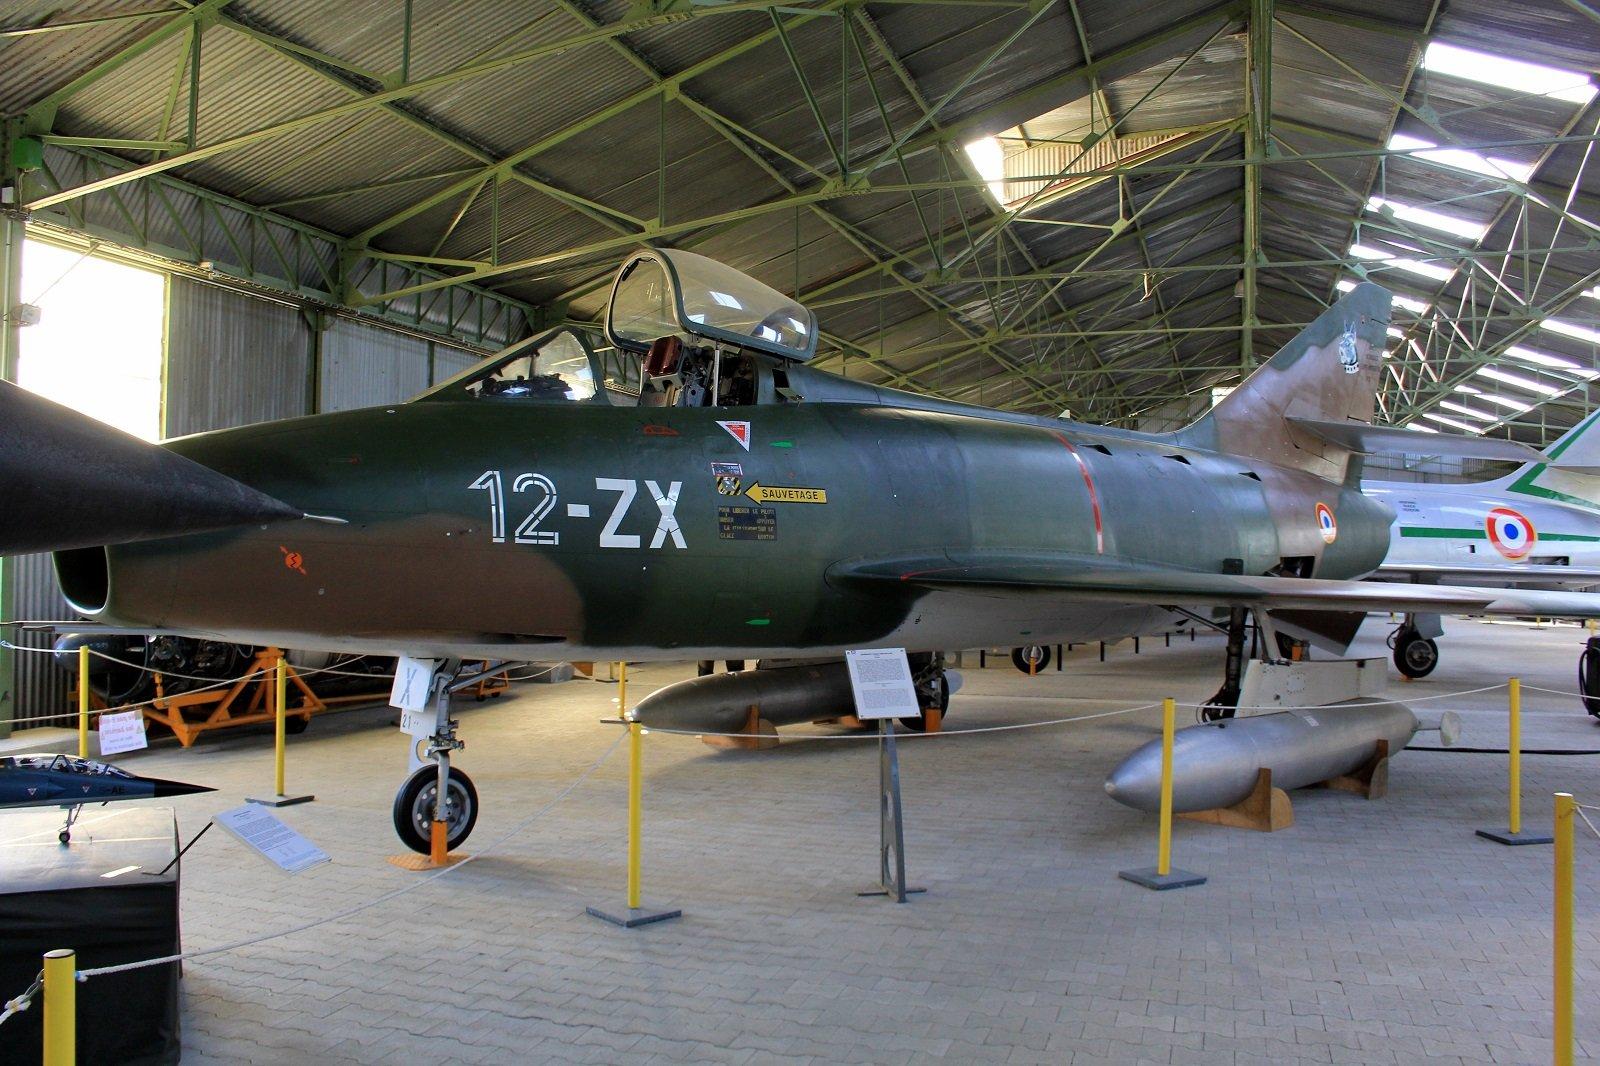 musée de l'aviation de chasse de Montelimar  - Page 2 191030070552949261